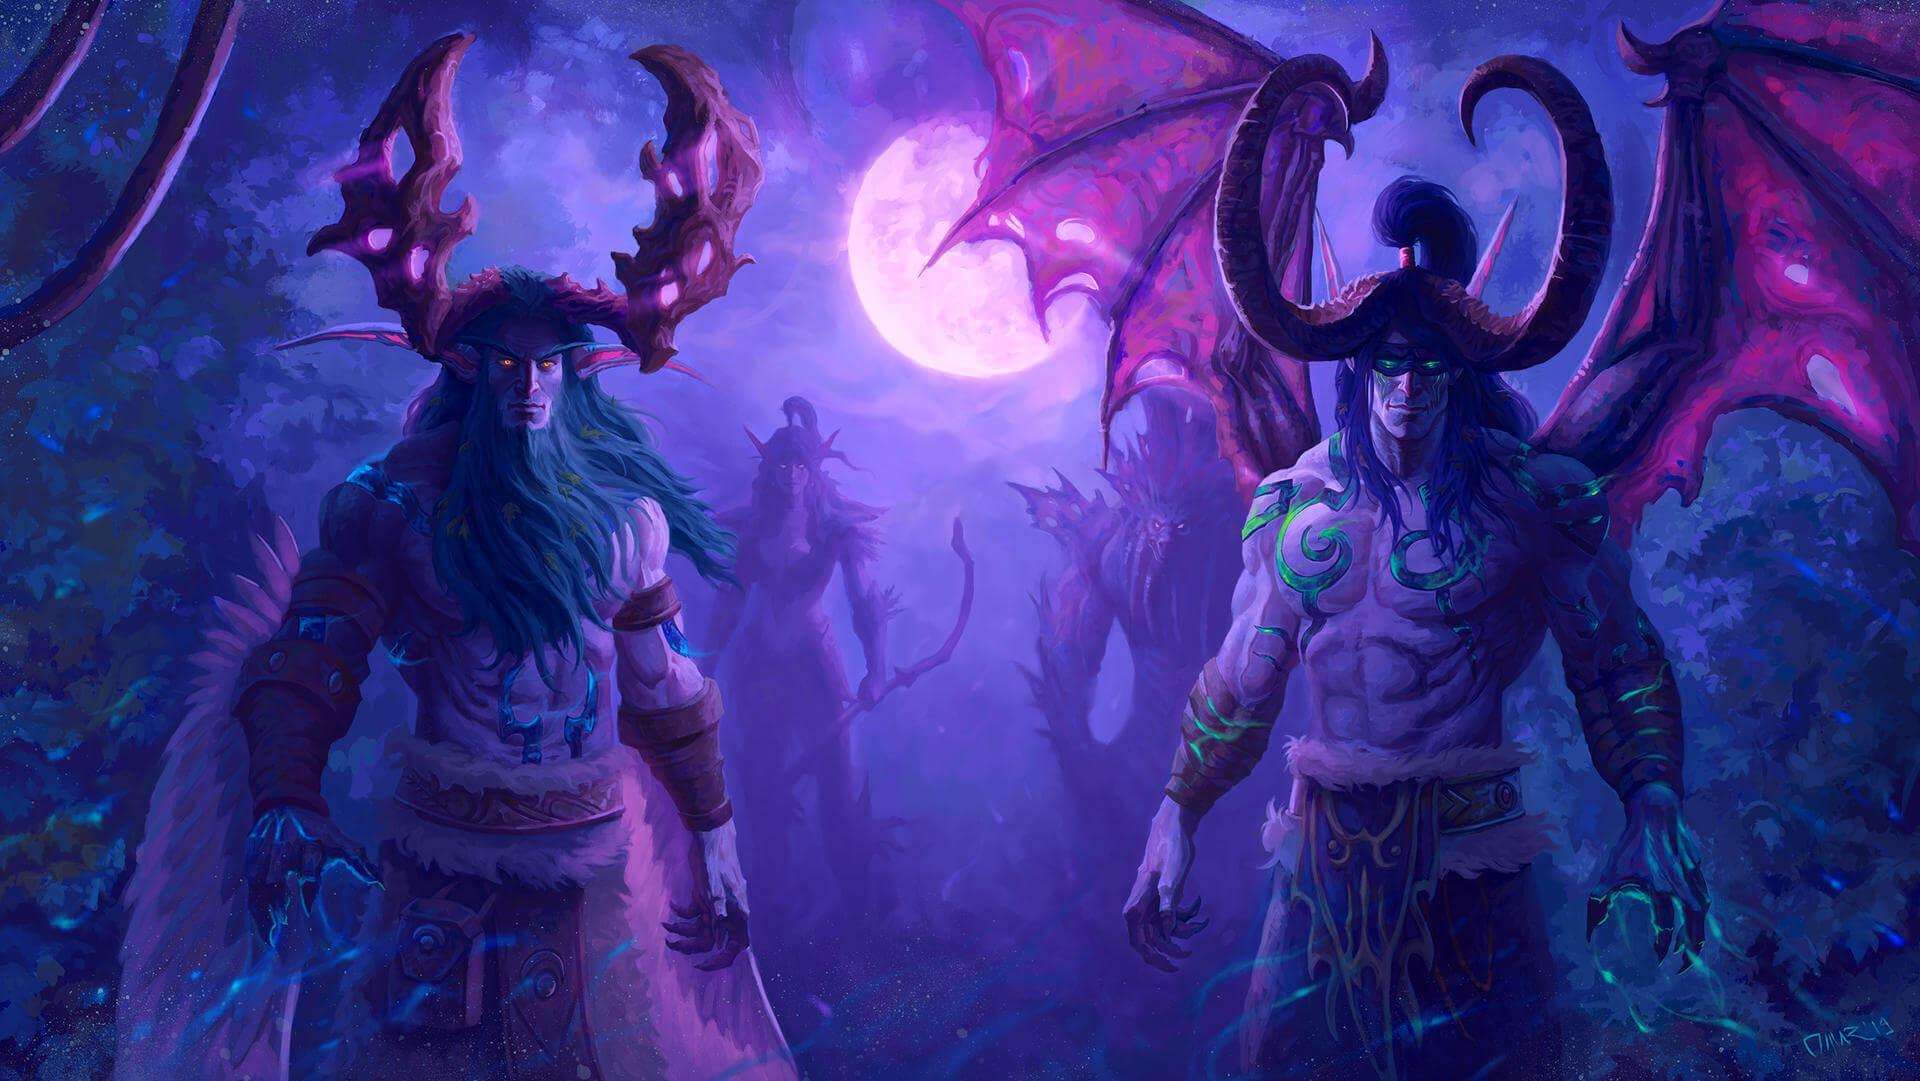 Malfurion és Illidan Stormrage - a két testvér